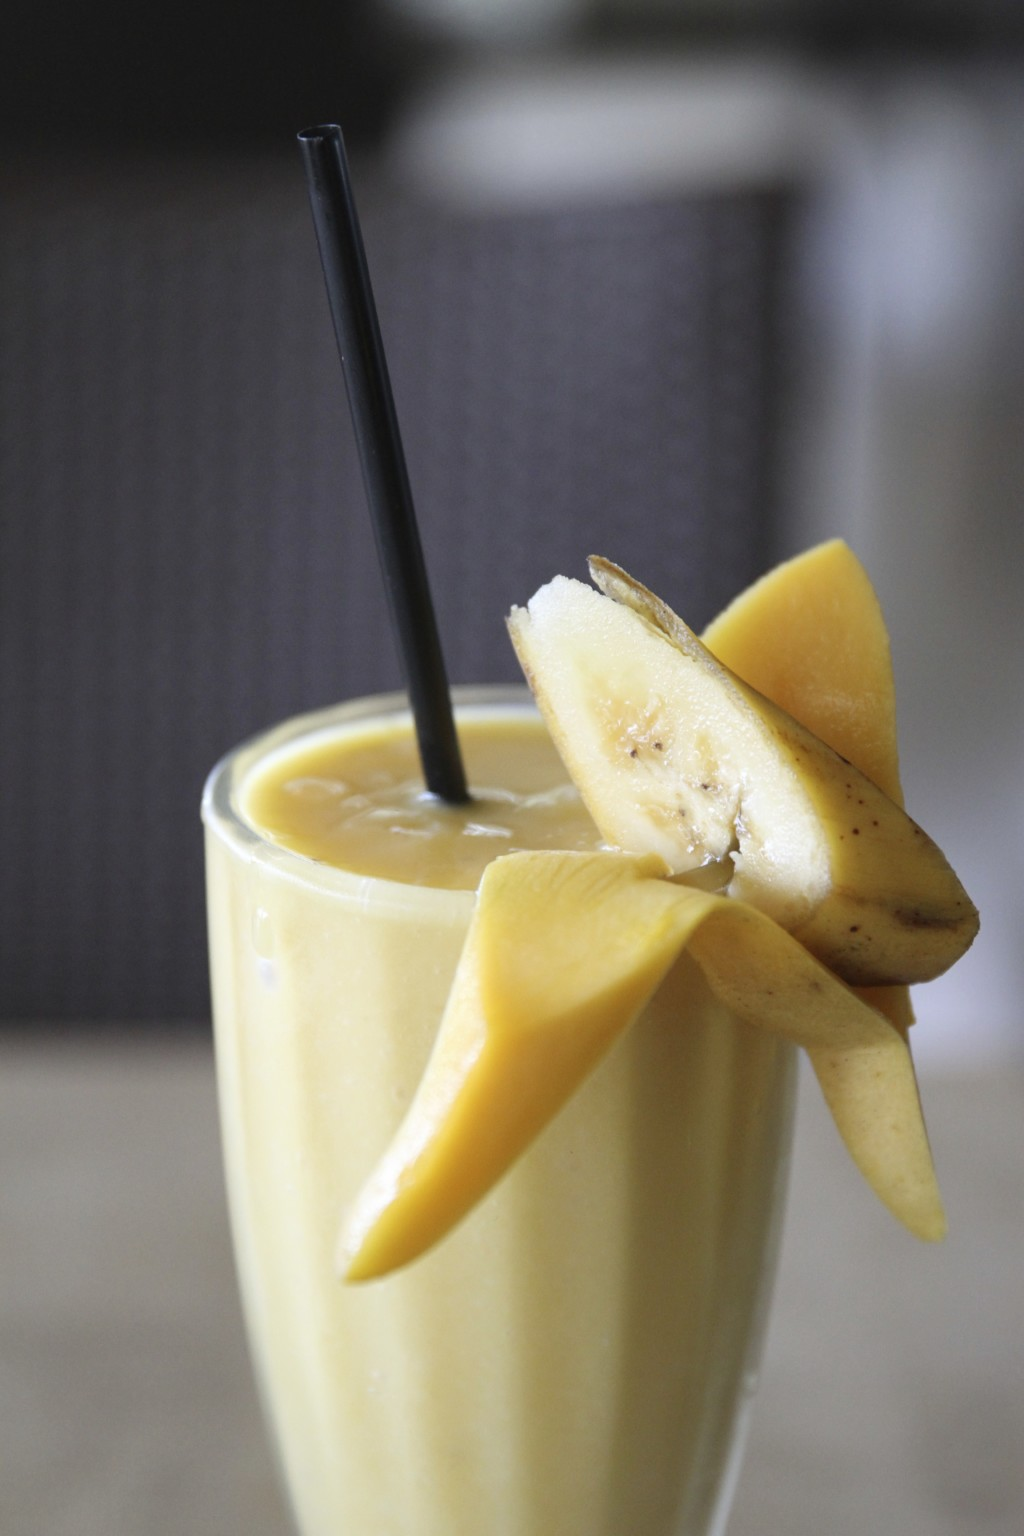 バナナジュース。フィリピンバナナの安定した甘さが楽しめる